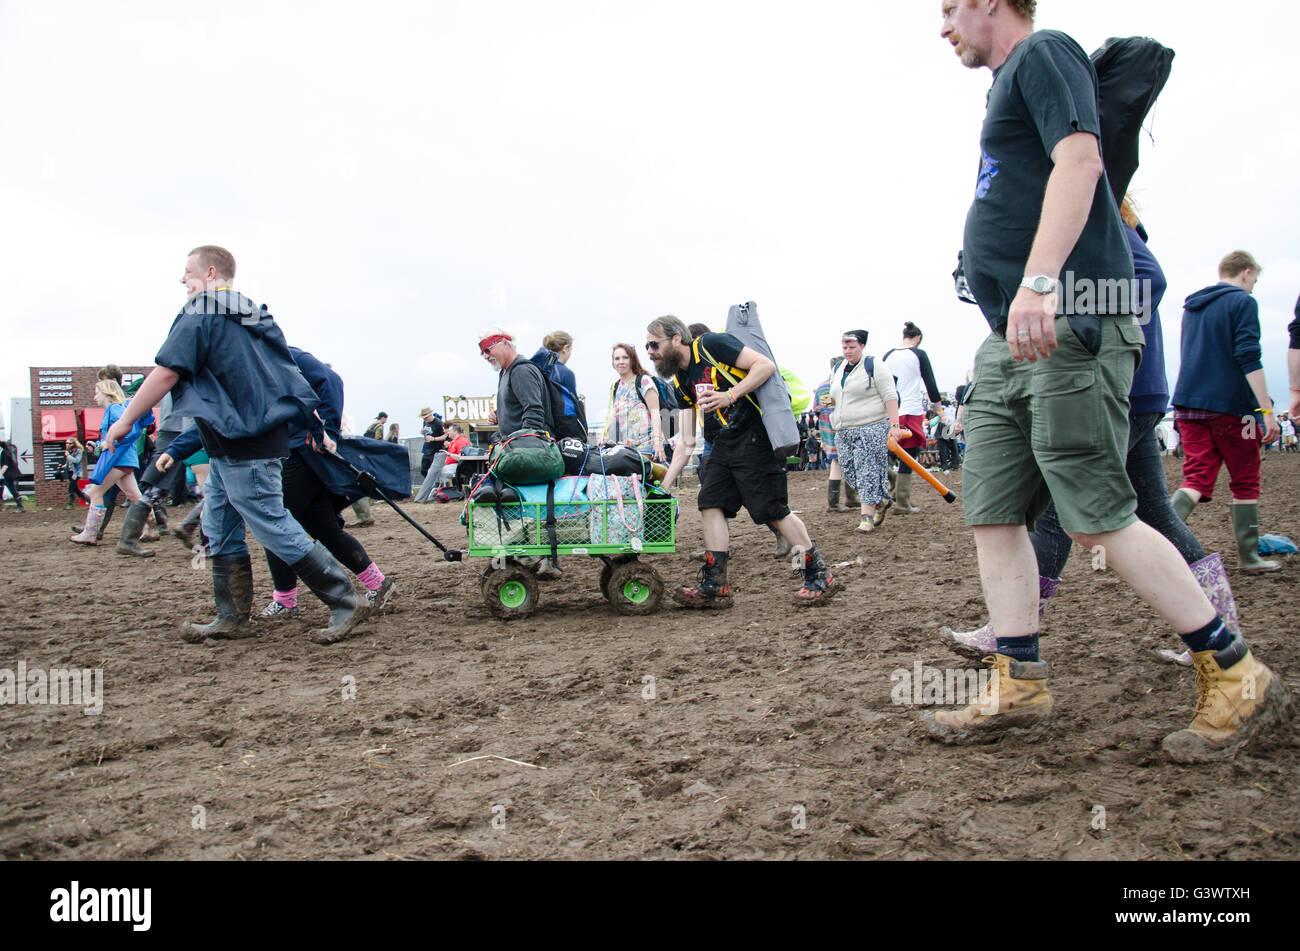 Fans arrivent à télécharger camions tirant de matériel de camping dans la boue profonde après Photo Stock